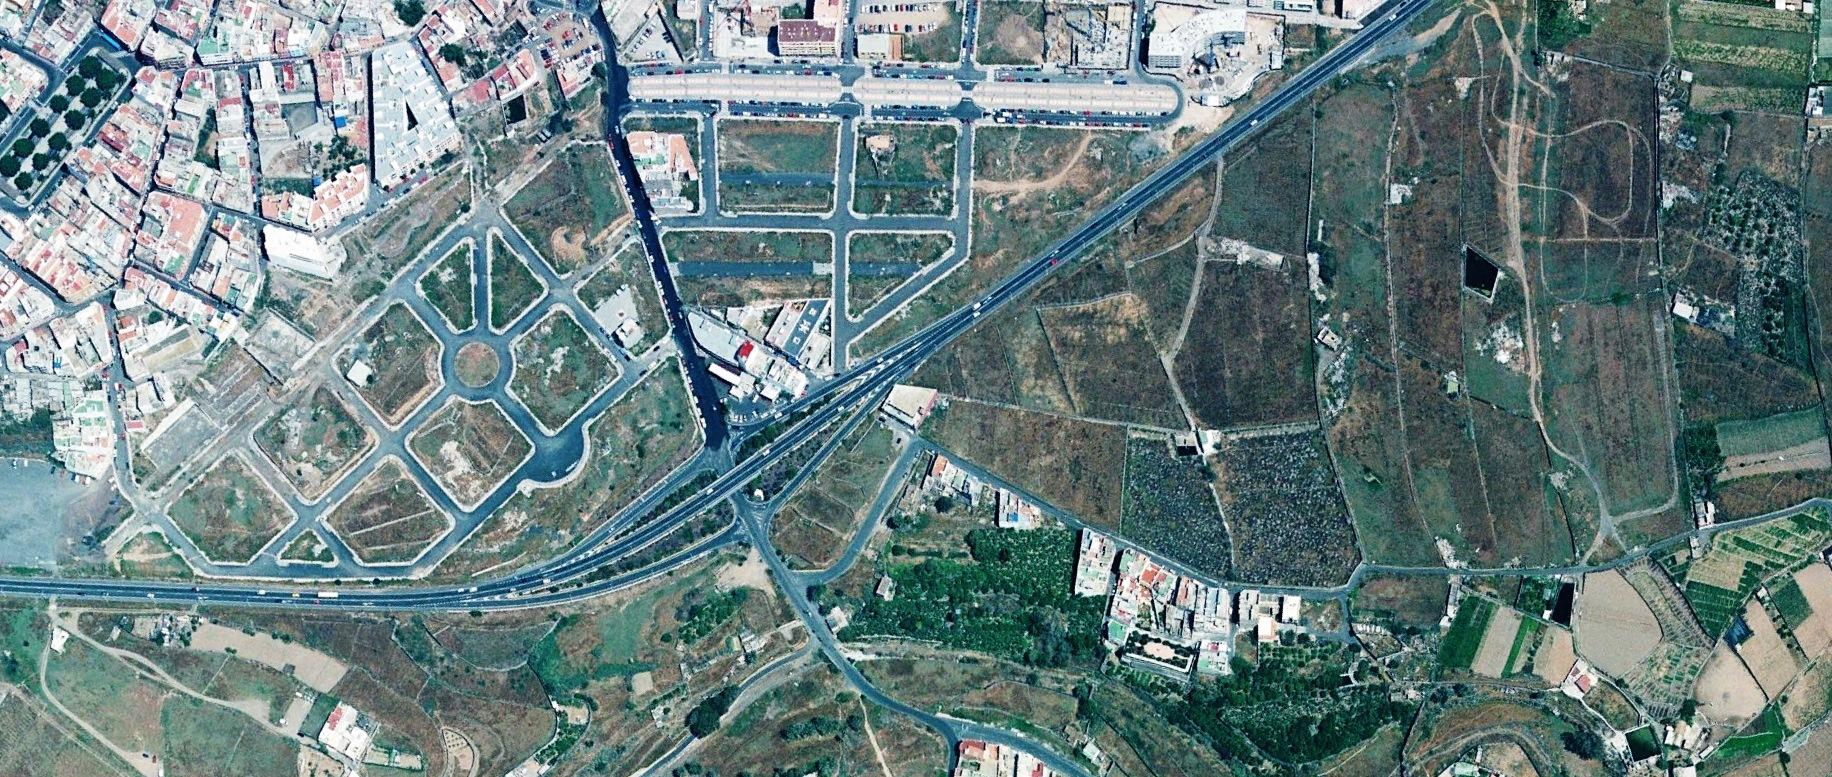 antes, urbanismo, foto aérea, desastre, urbanístico, planeamiento, urbano, construcción,Telde, Las Palmas